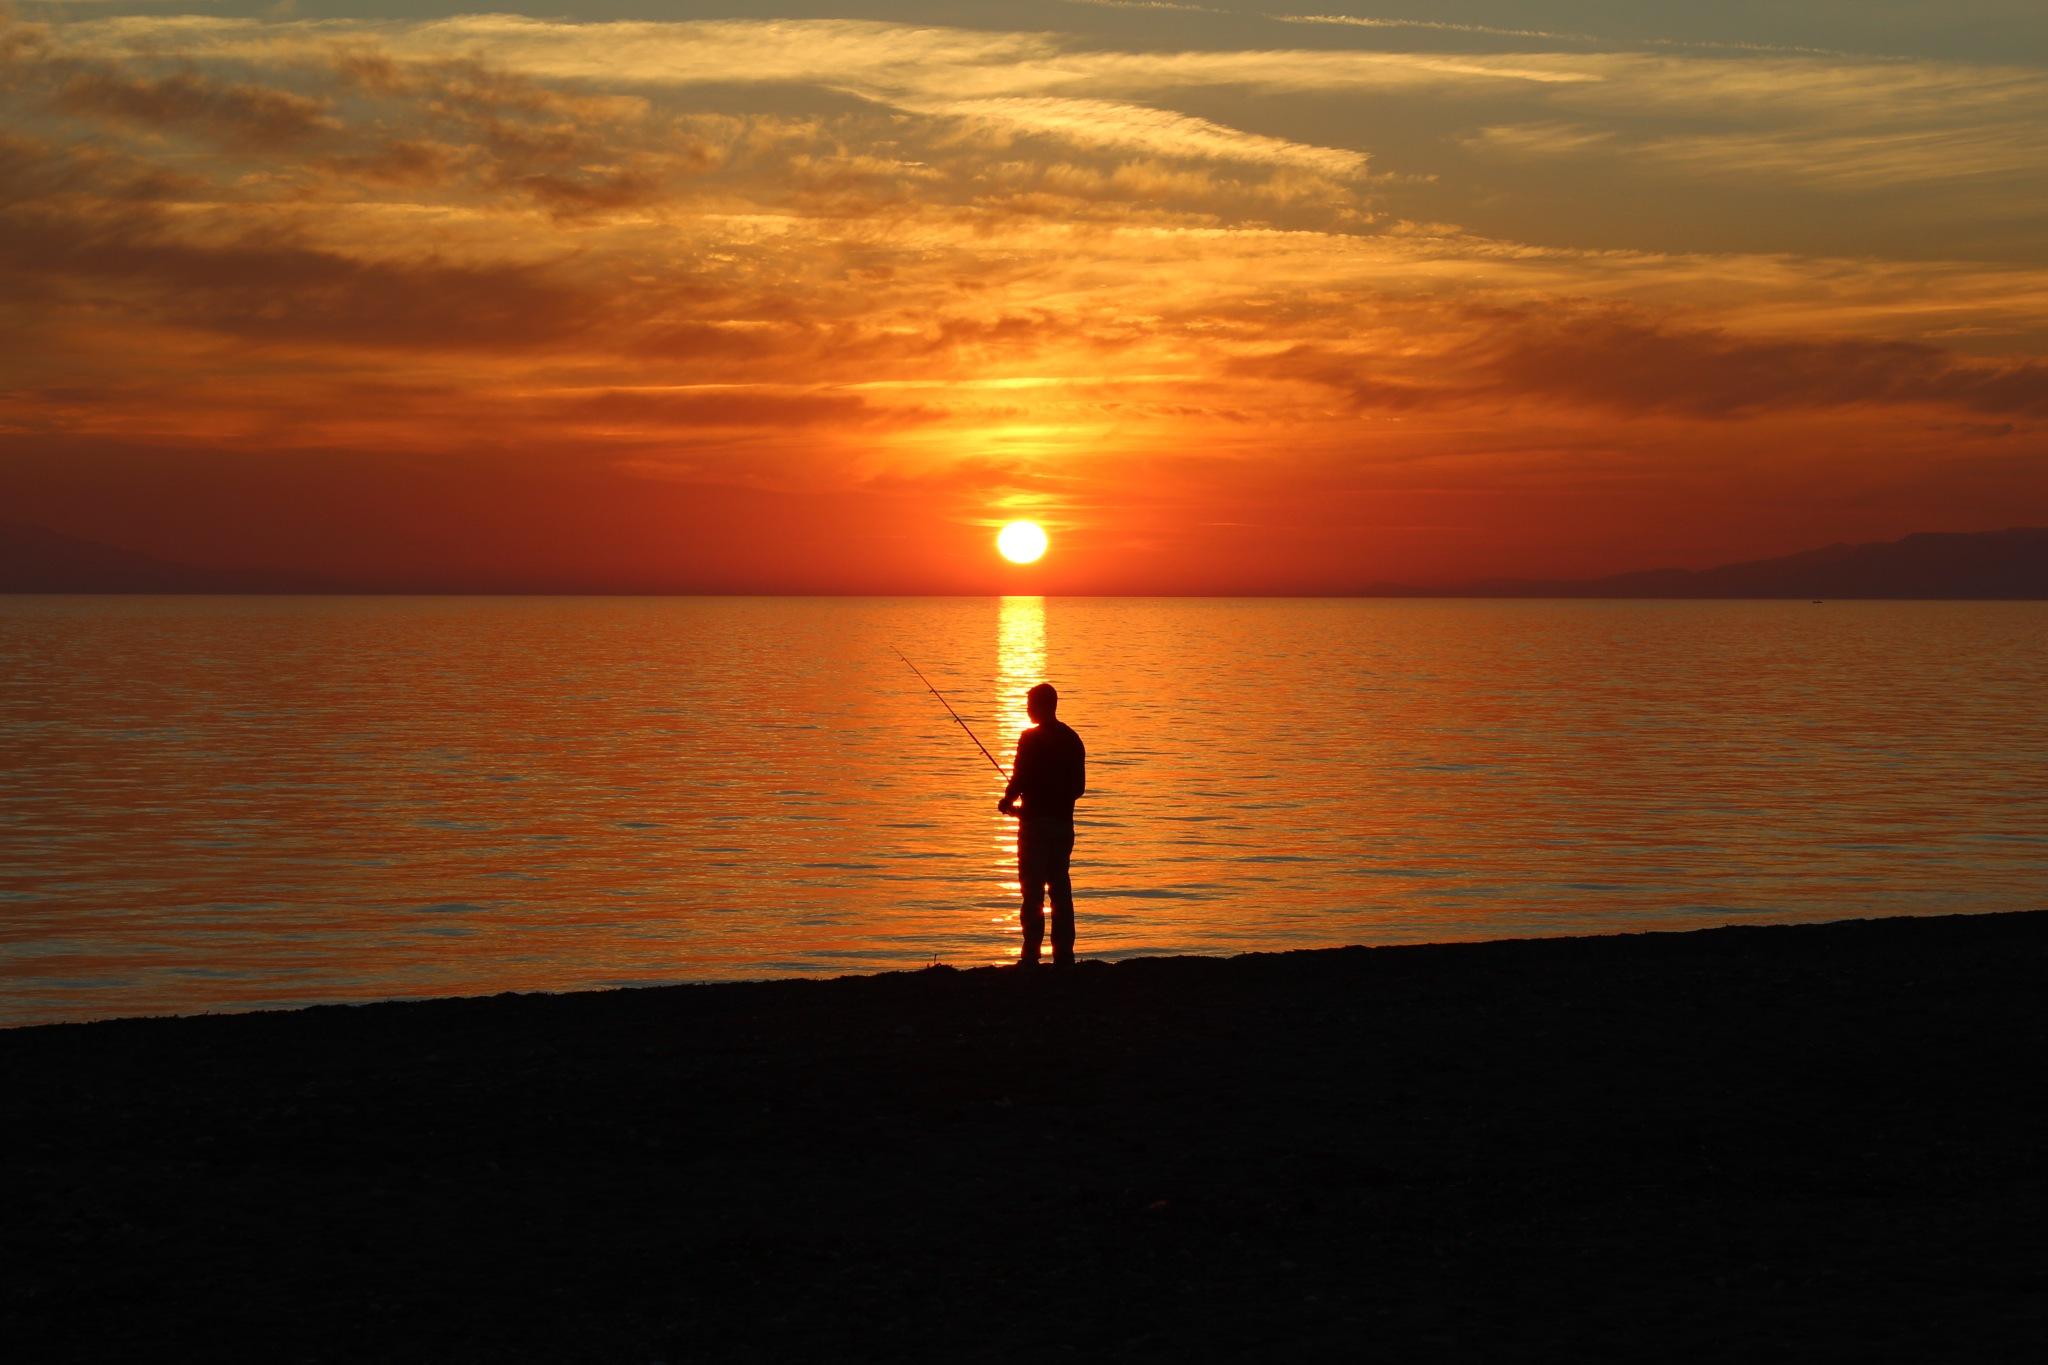 sunset and fisherman  by Feza Uncu